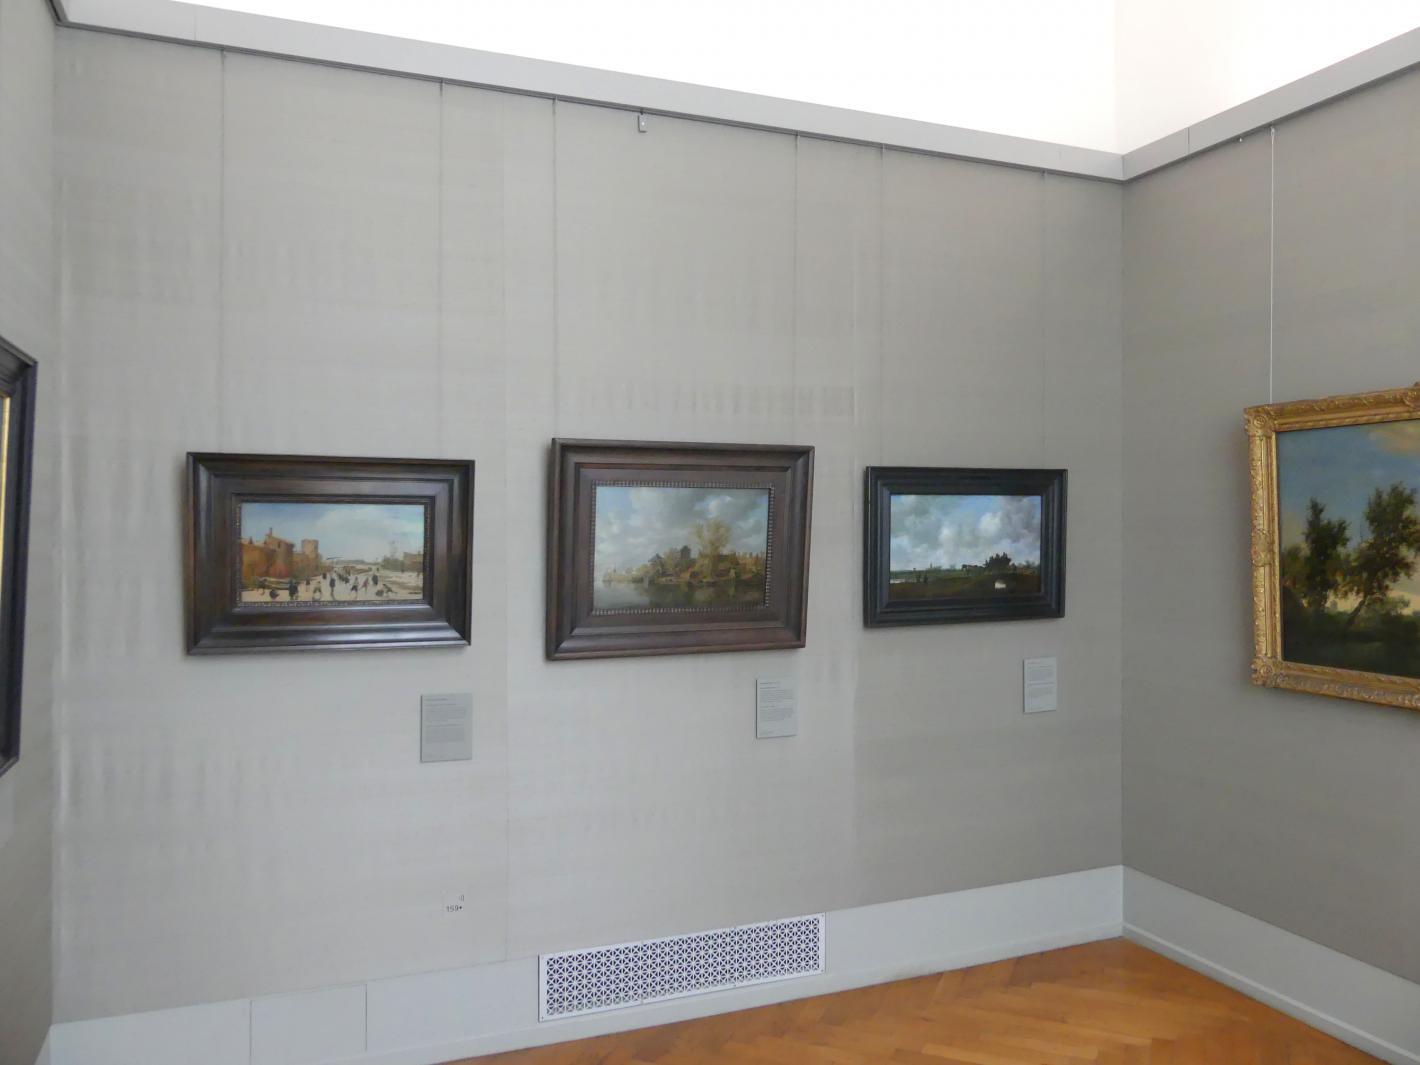 München, Alte Pinakothek, Obergeschoss Kabinett 17